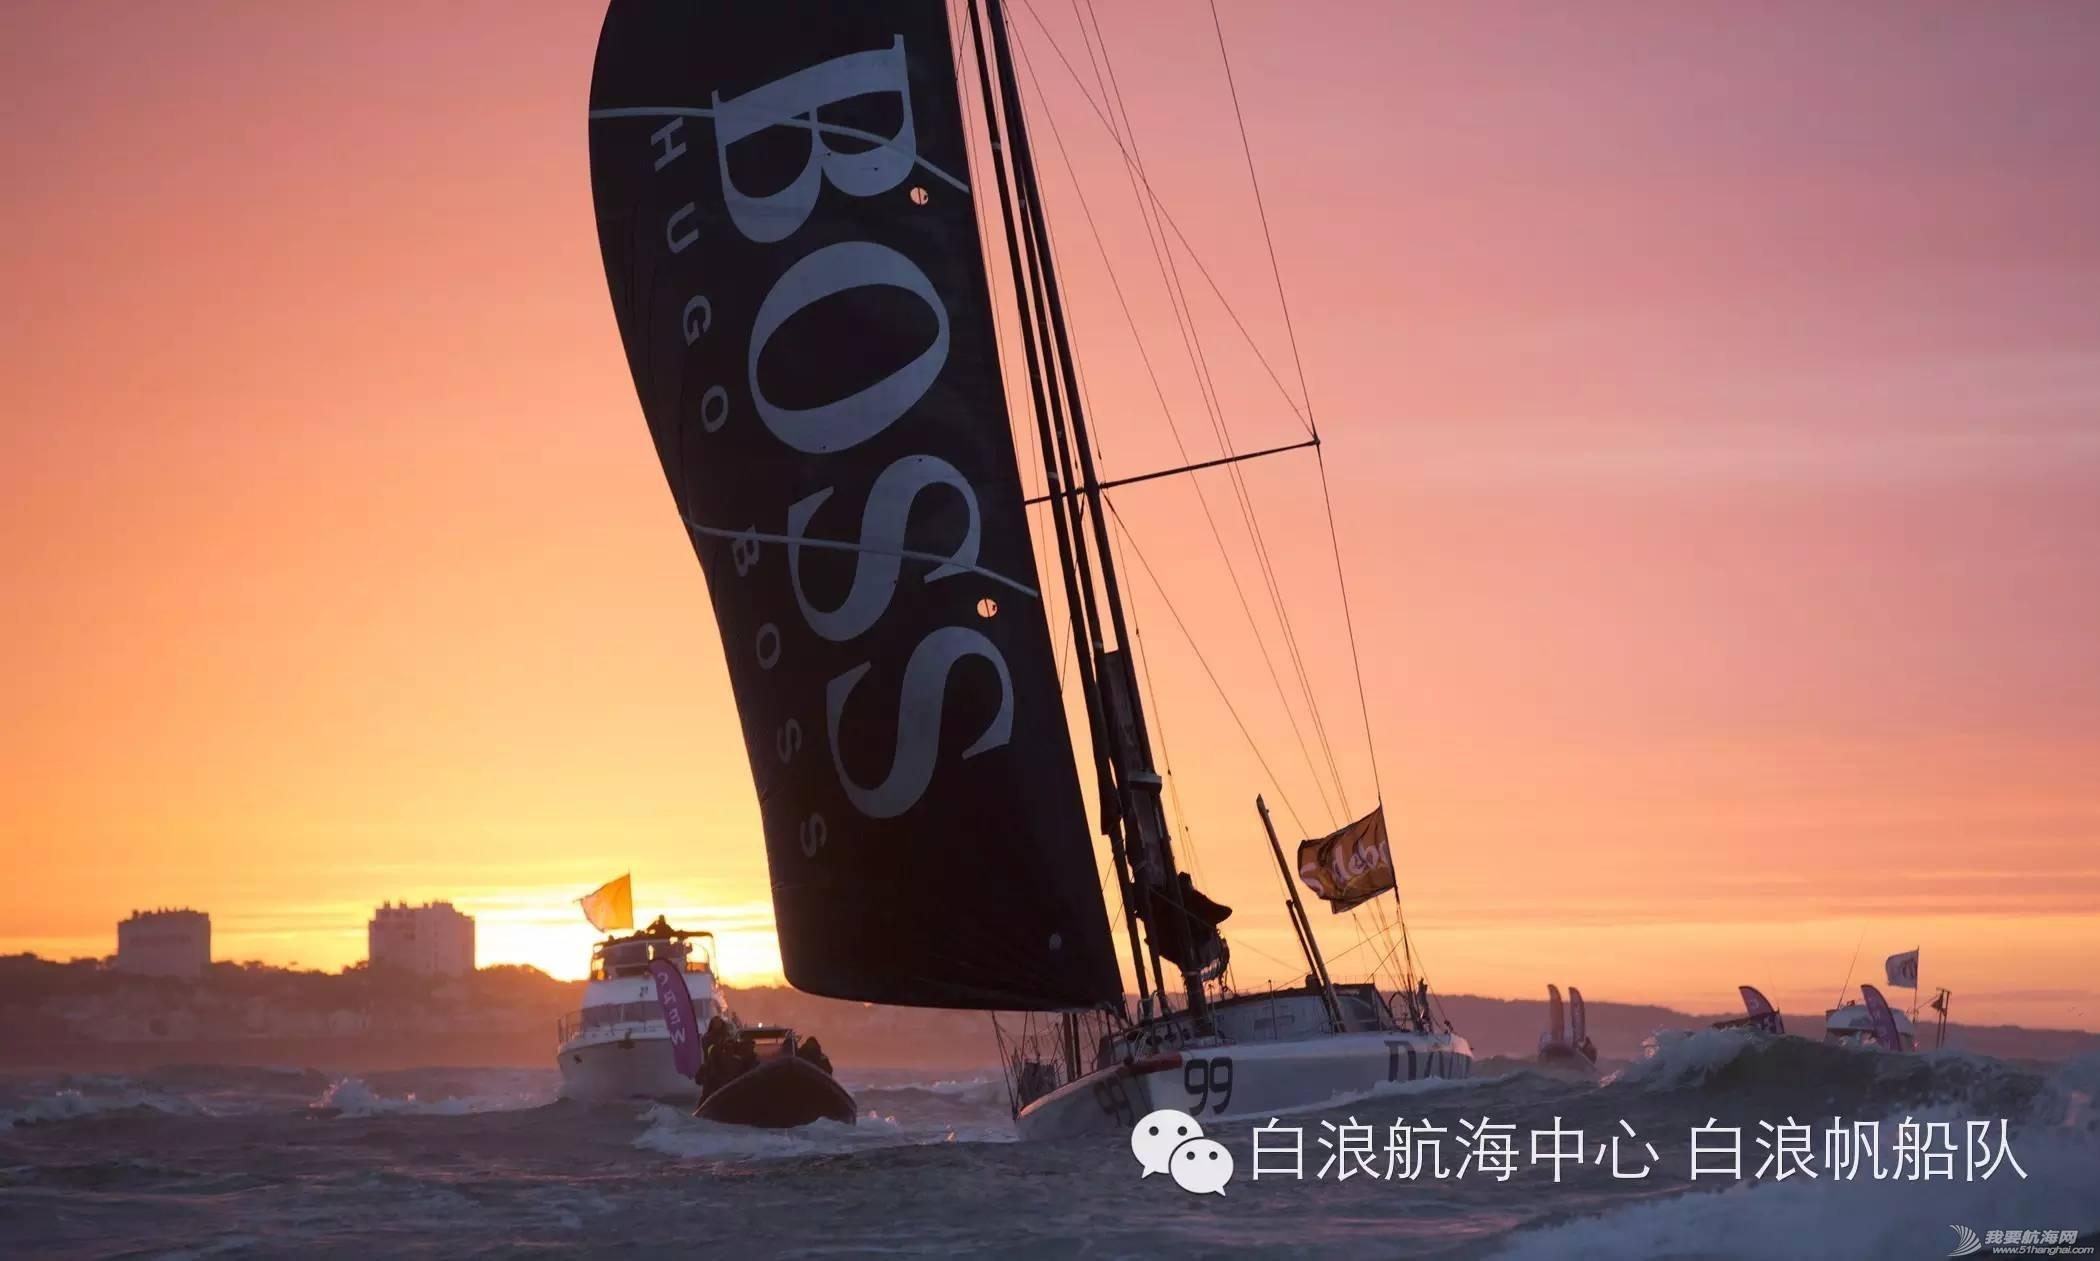 """最""""Cold(冷)""""的帆船夜航跨年赛,你敢参加吗:) 9de9561260ad79a65391a77dff20406d.jpg"""